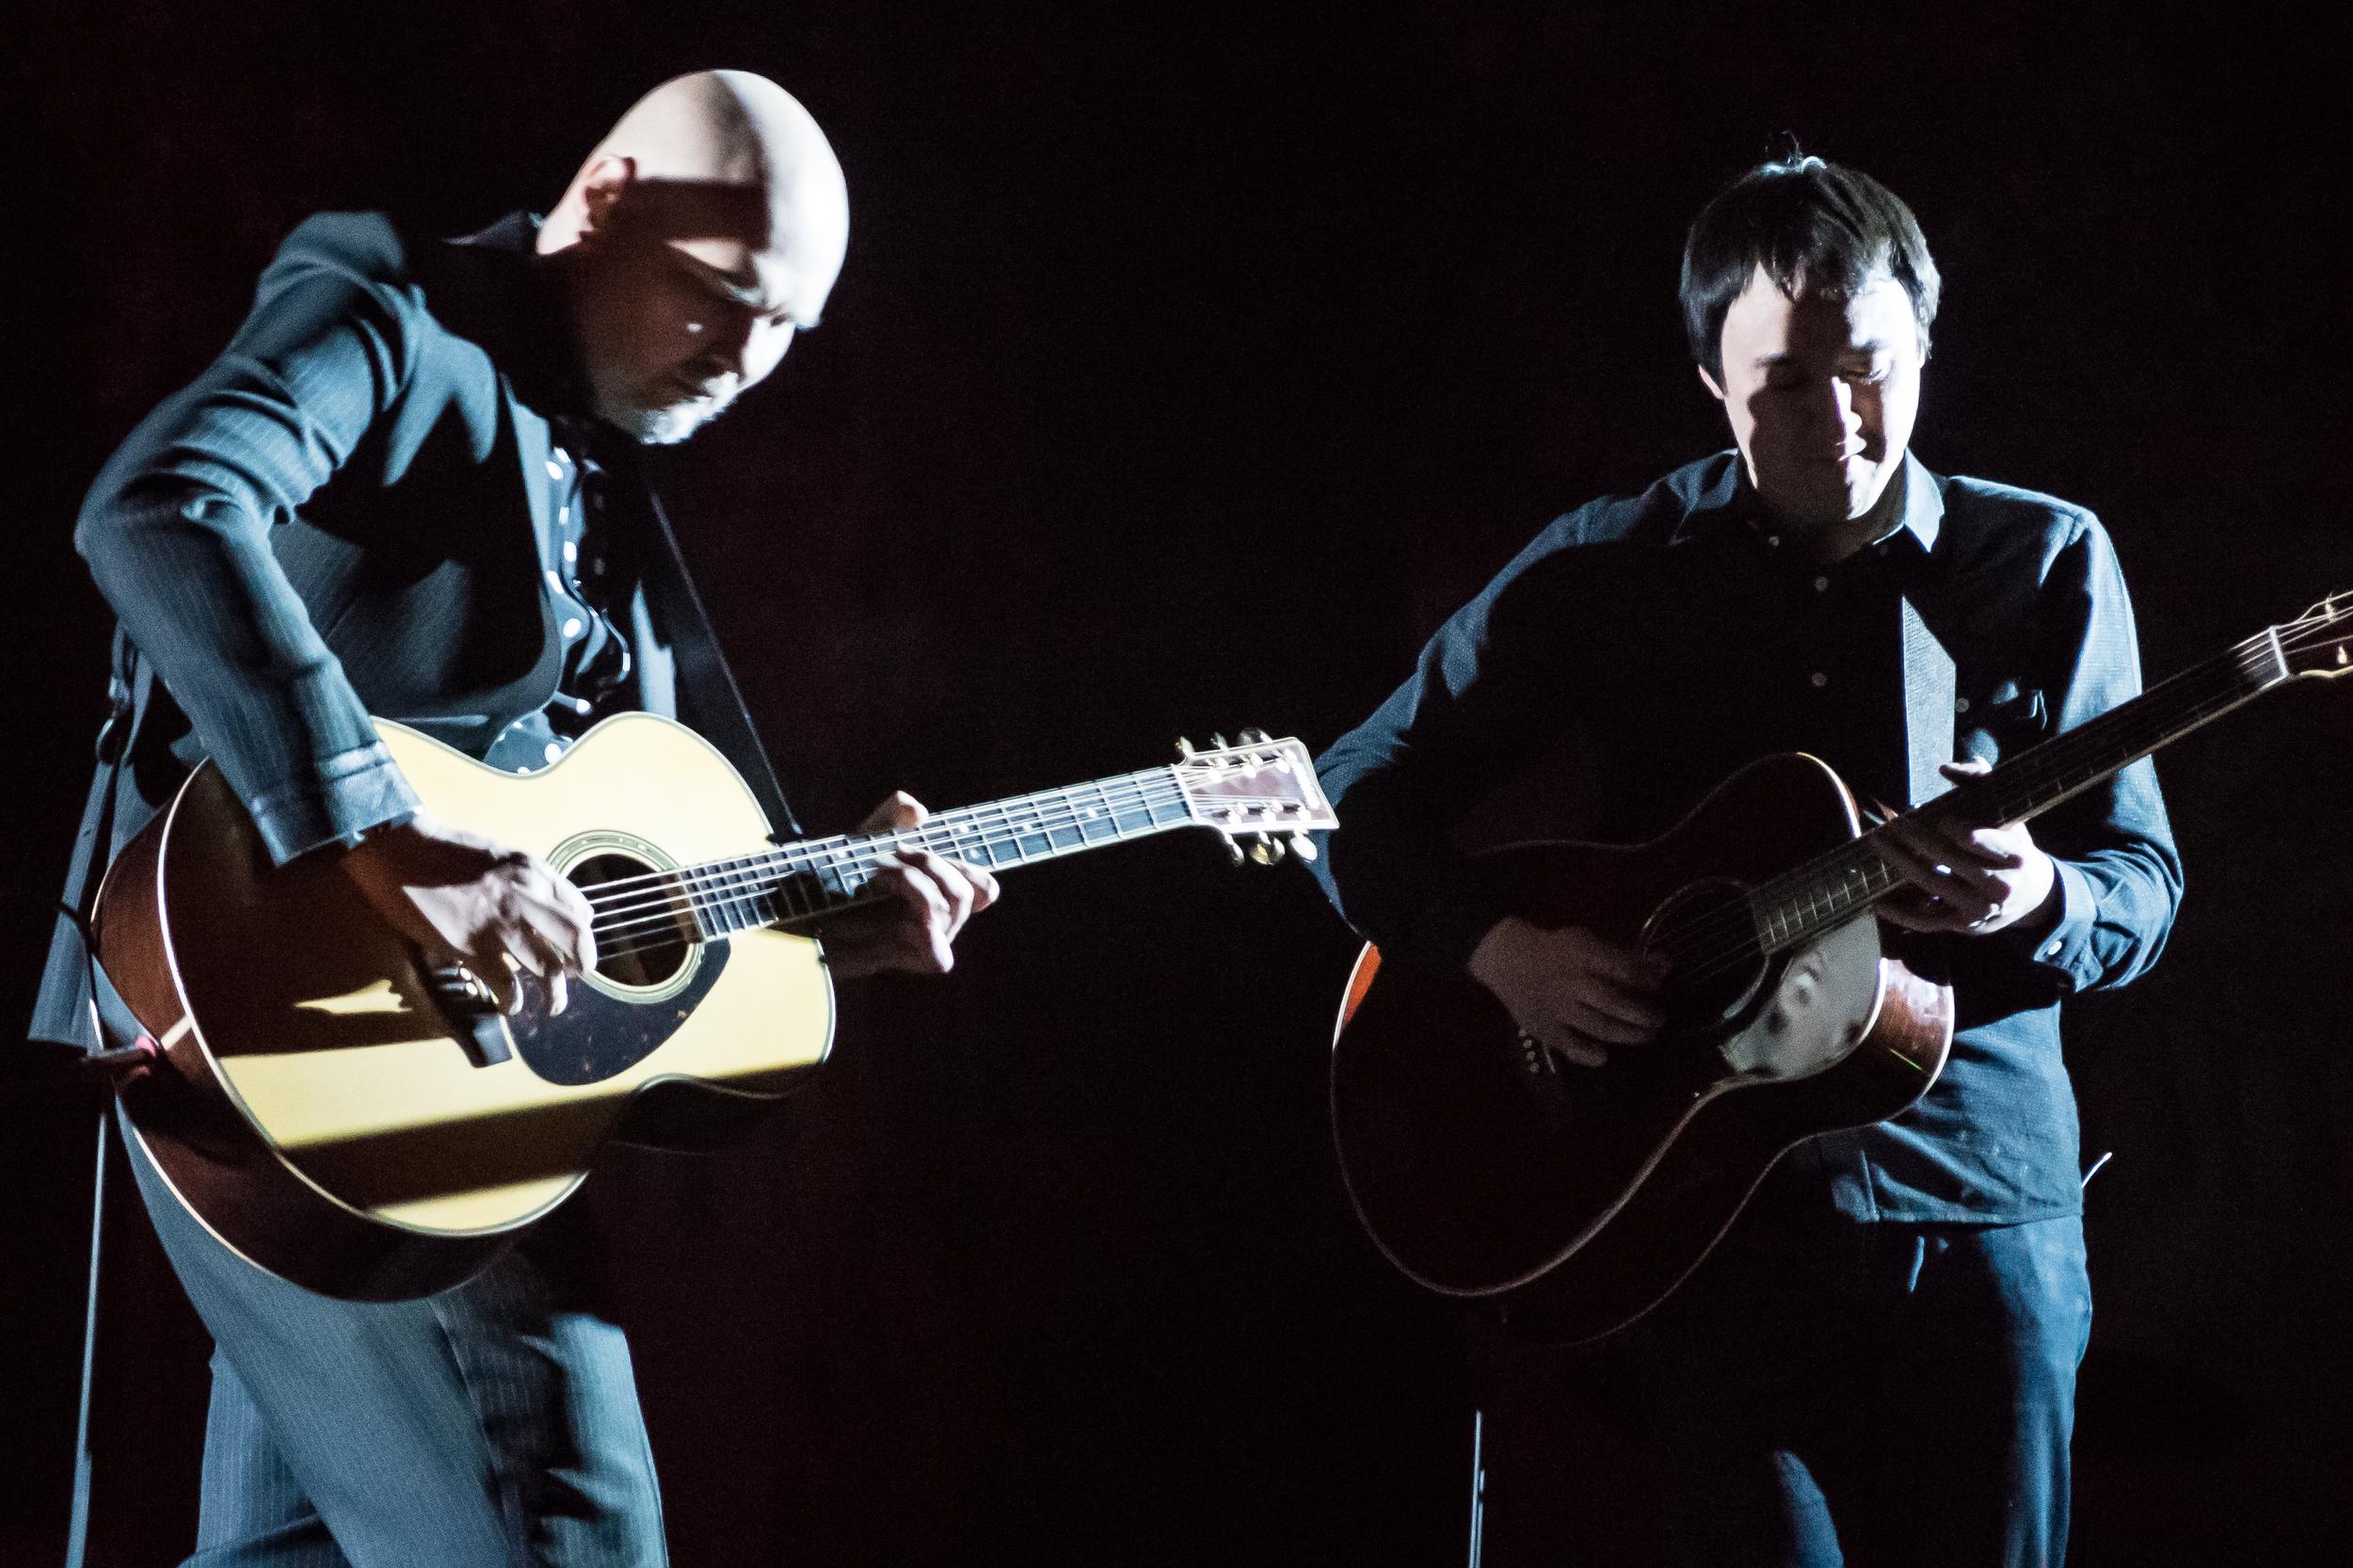 Billy Corgan & Jeff Schroeder